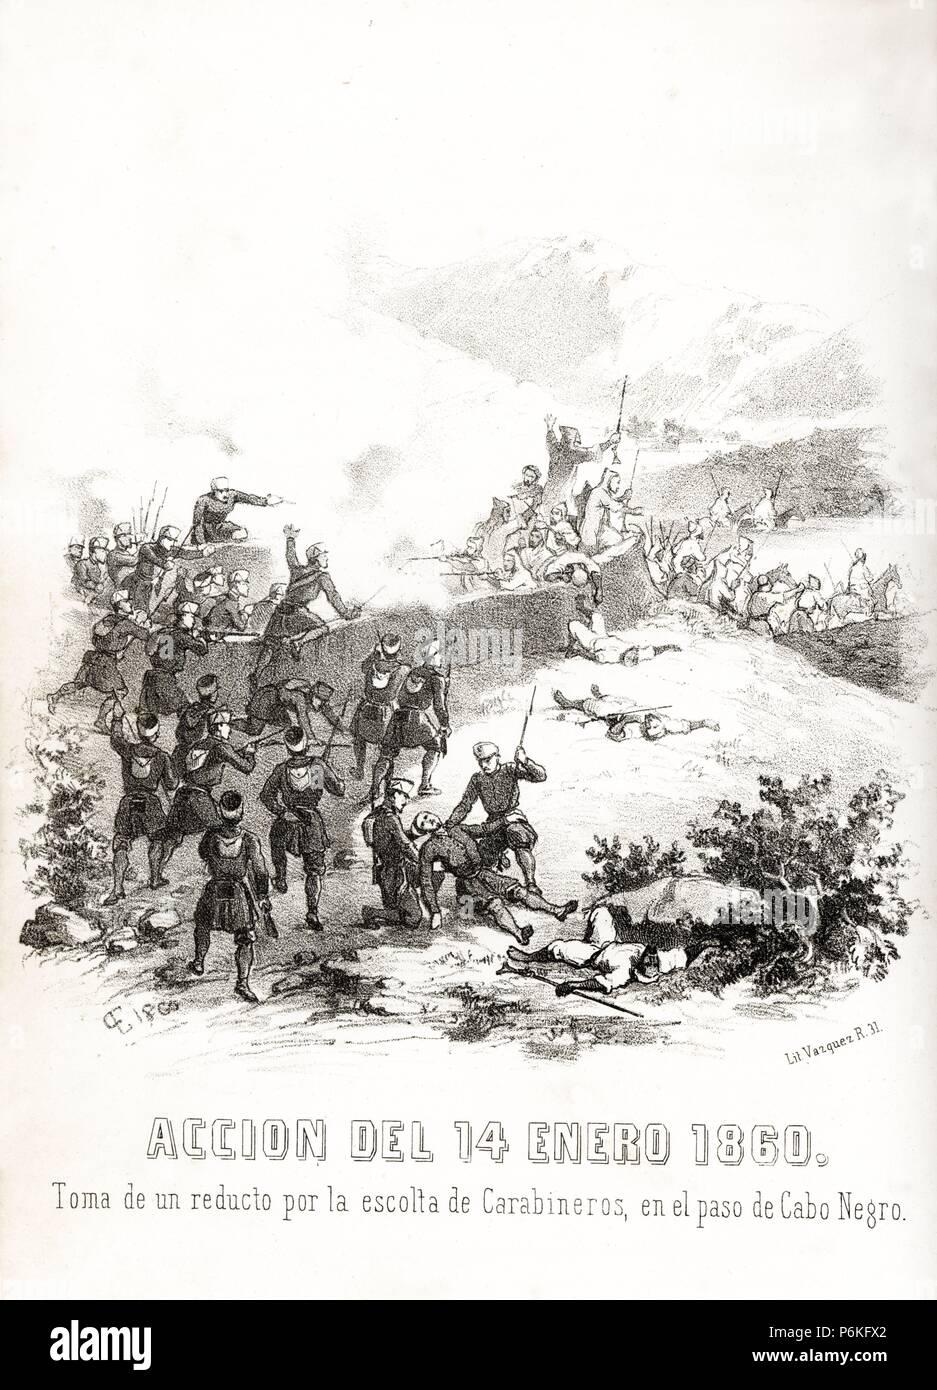 España. Guerra de África. Toma de un reducto en el paso del Cabo Negro por los carabineros. Grabado de 1860. Stock Photo